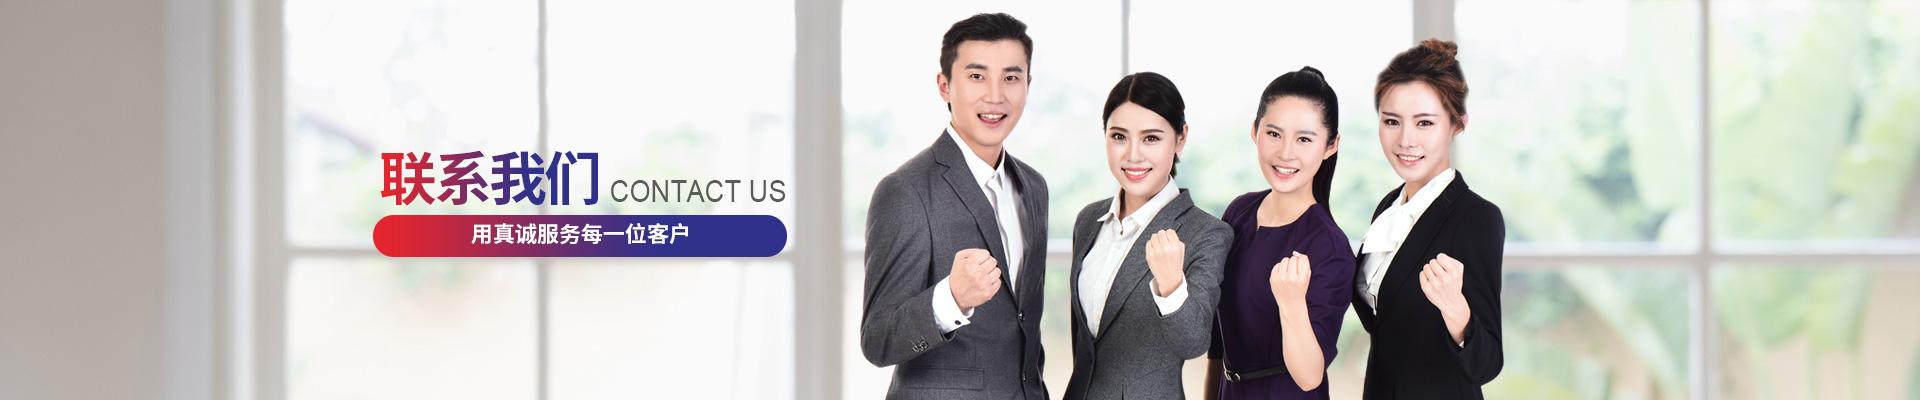 立丹源-用真诚服务每一位客户